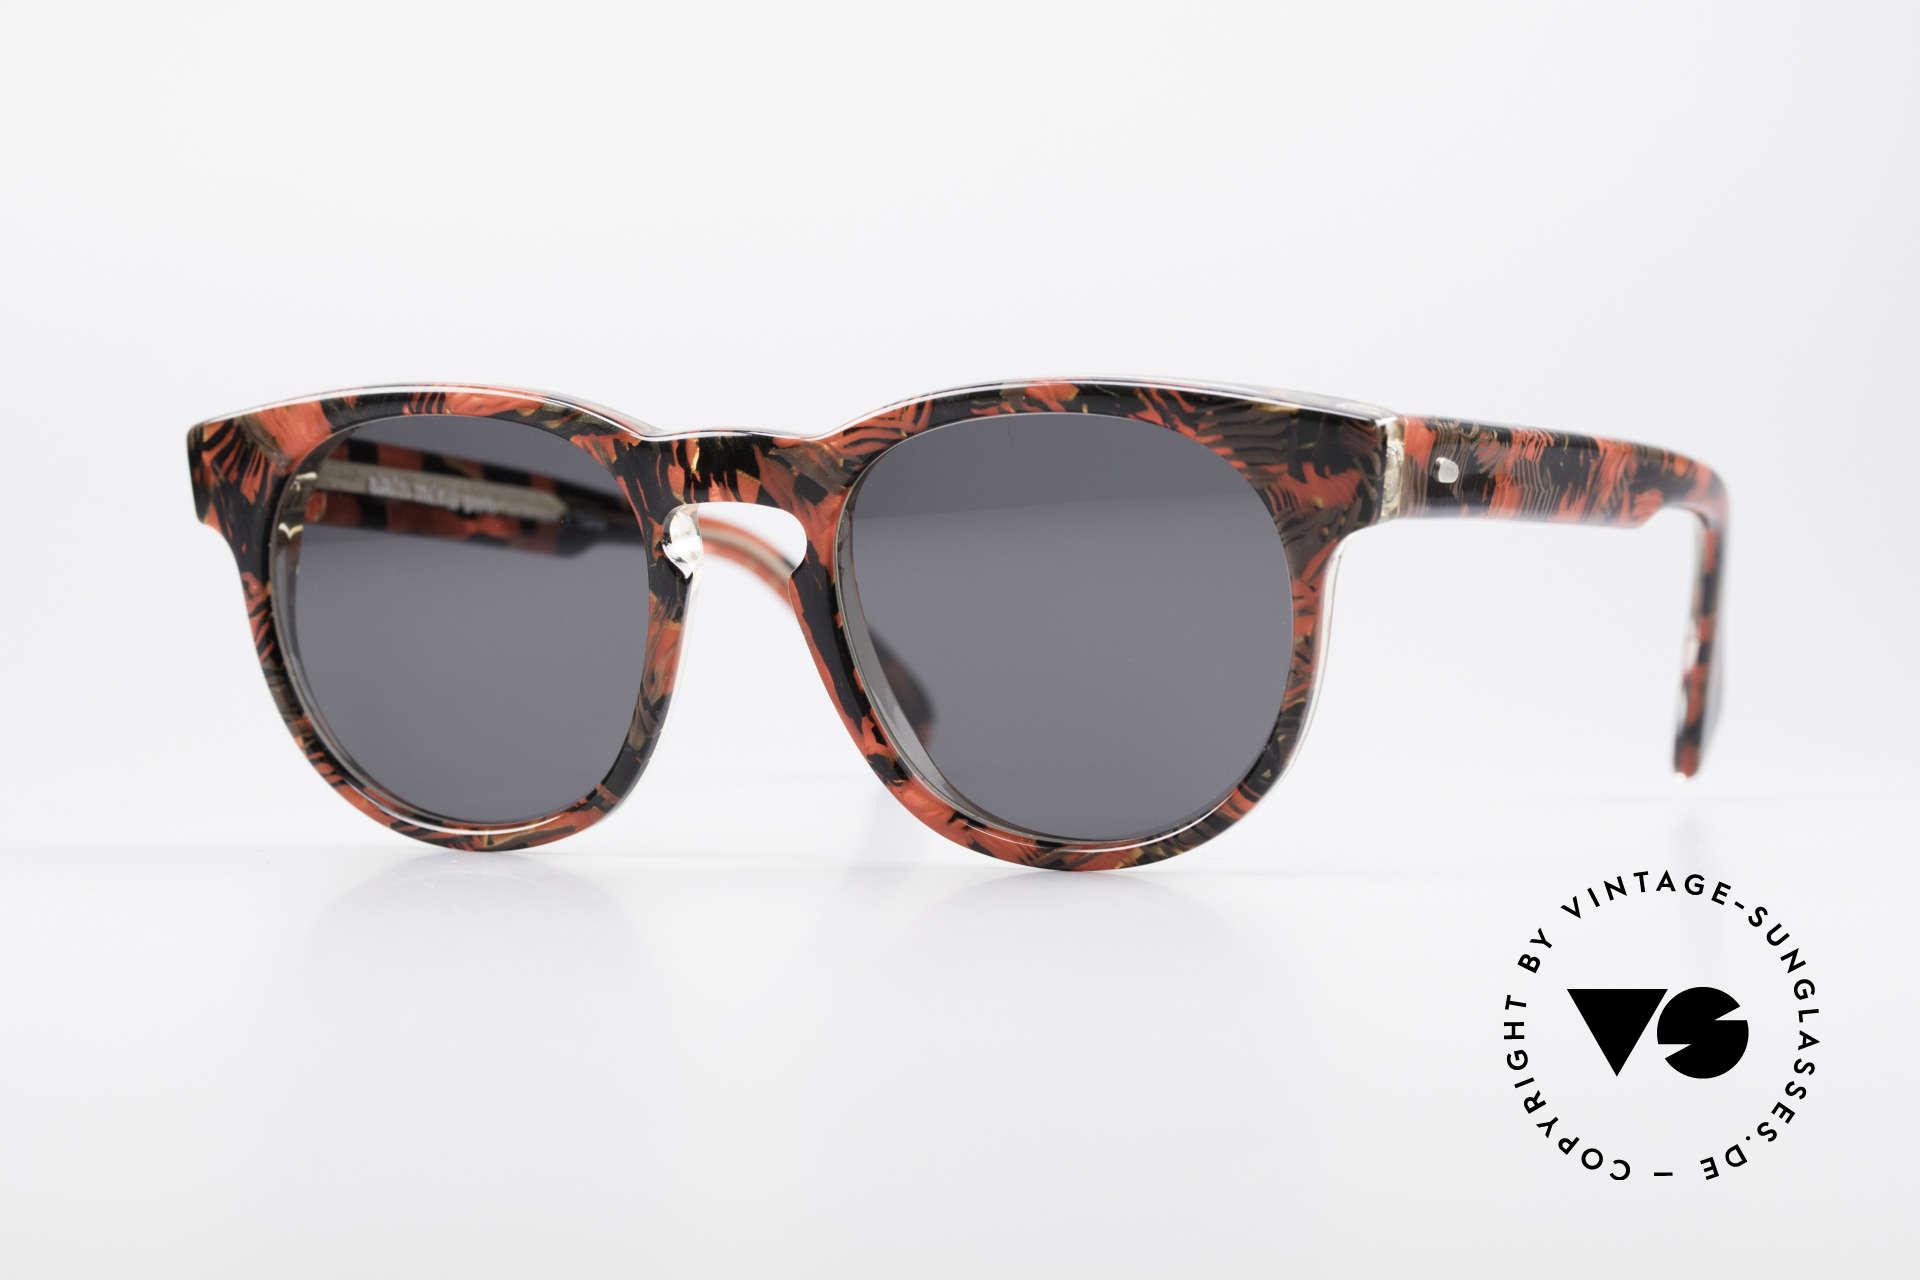 Alain Mikli 903 / 687 80er Panto Sonnenbrille Small, zeitlose ALAIN MIKLI Paris Designer-Sonnenbrille, Passend für Herren und Damen